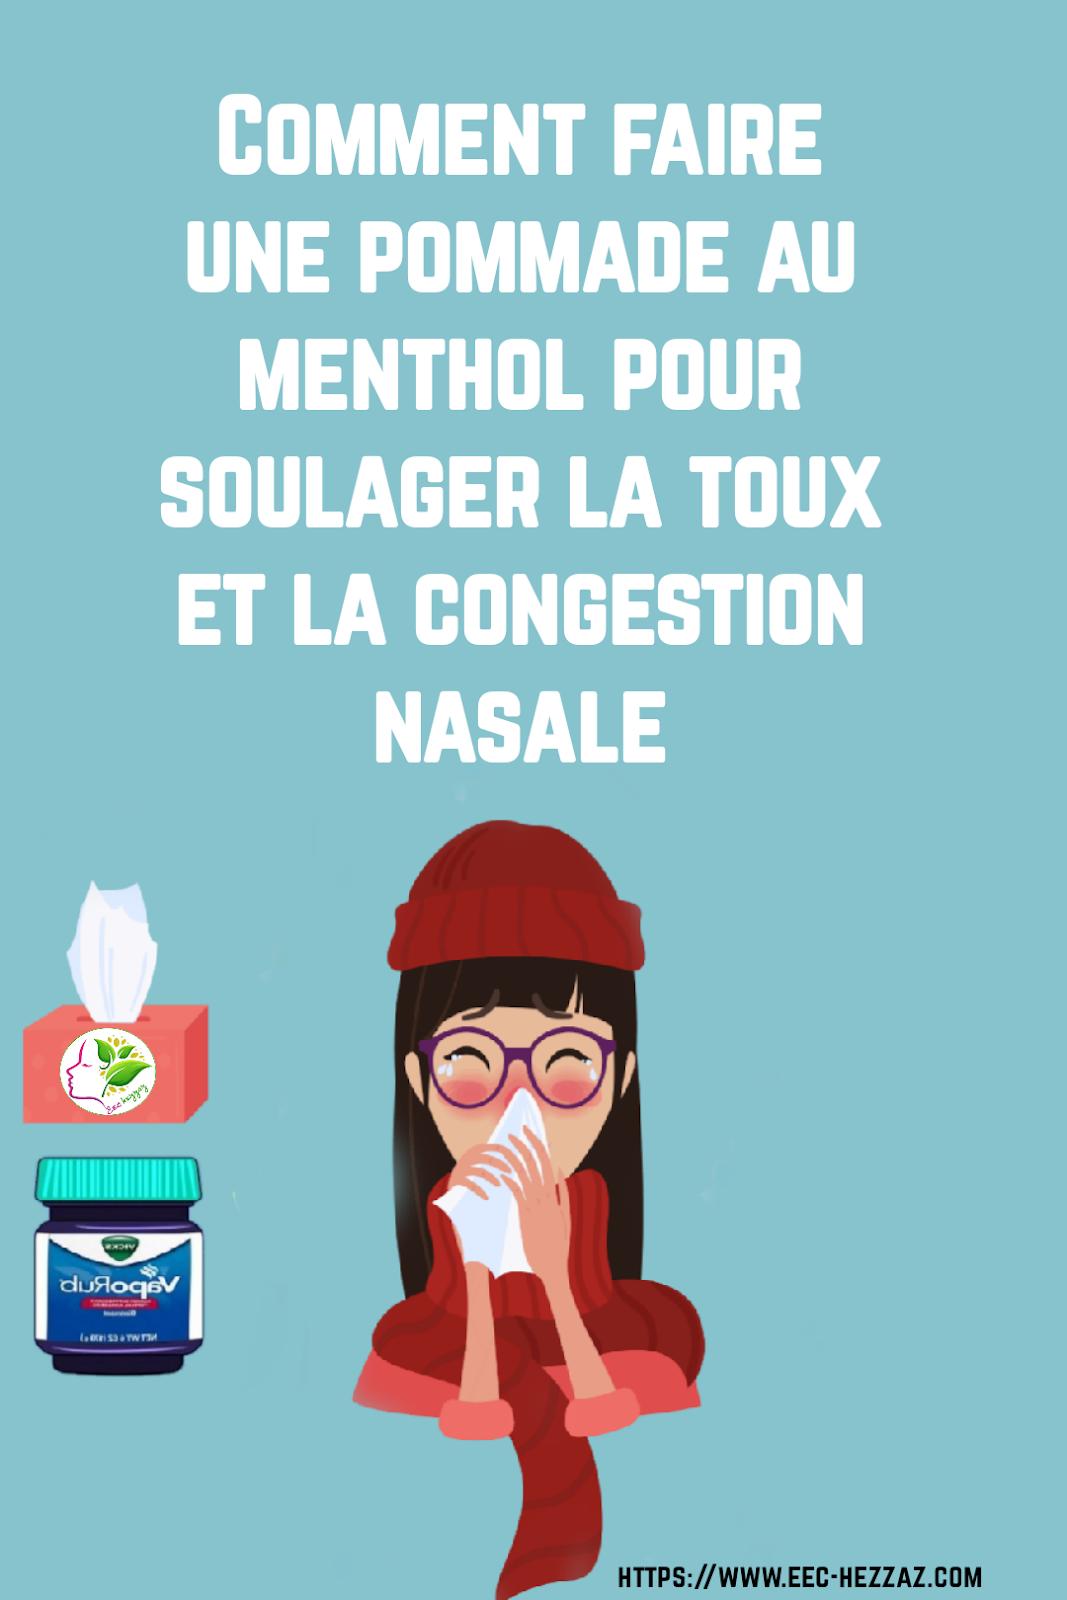 Comment faire une pommade au menthol pour soulager la toux et la congestion nasale